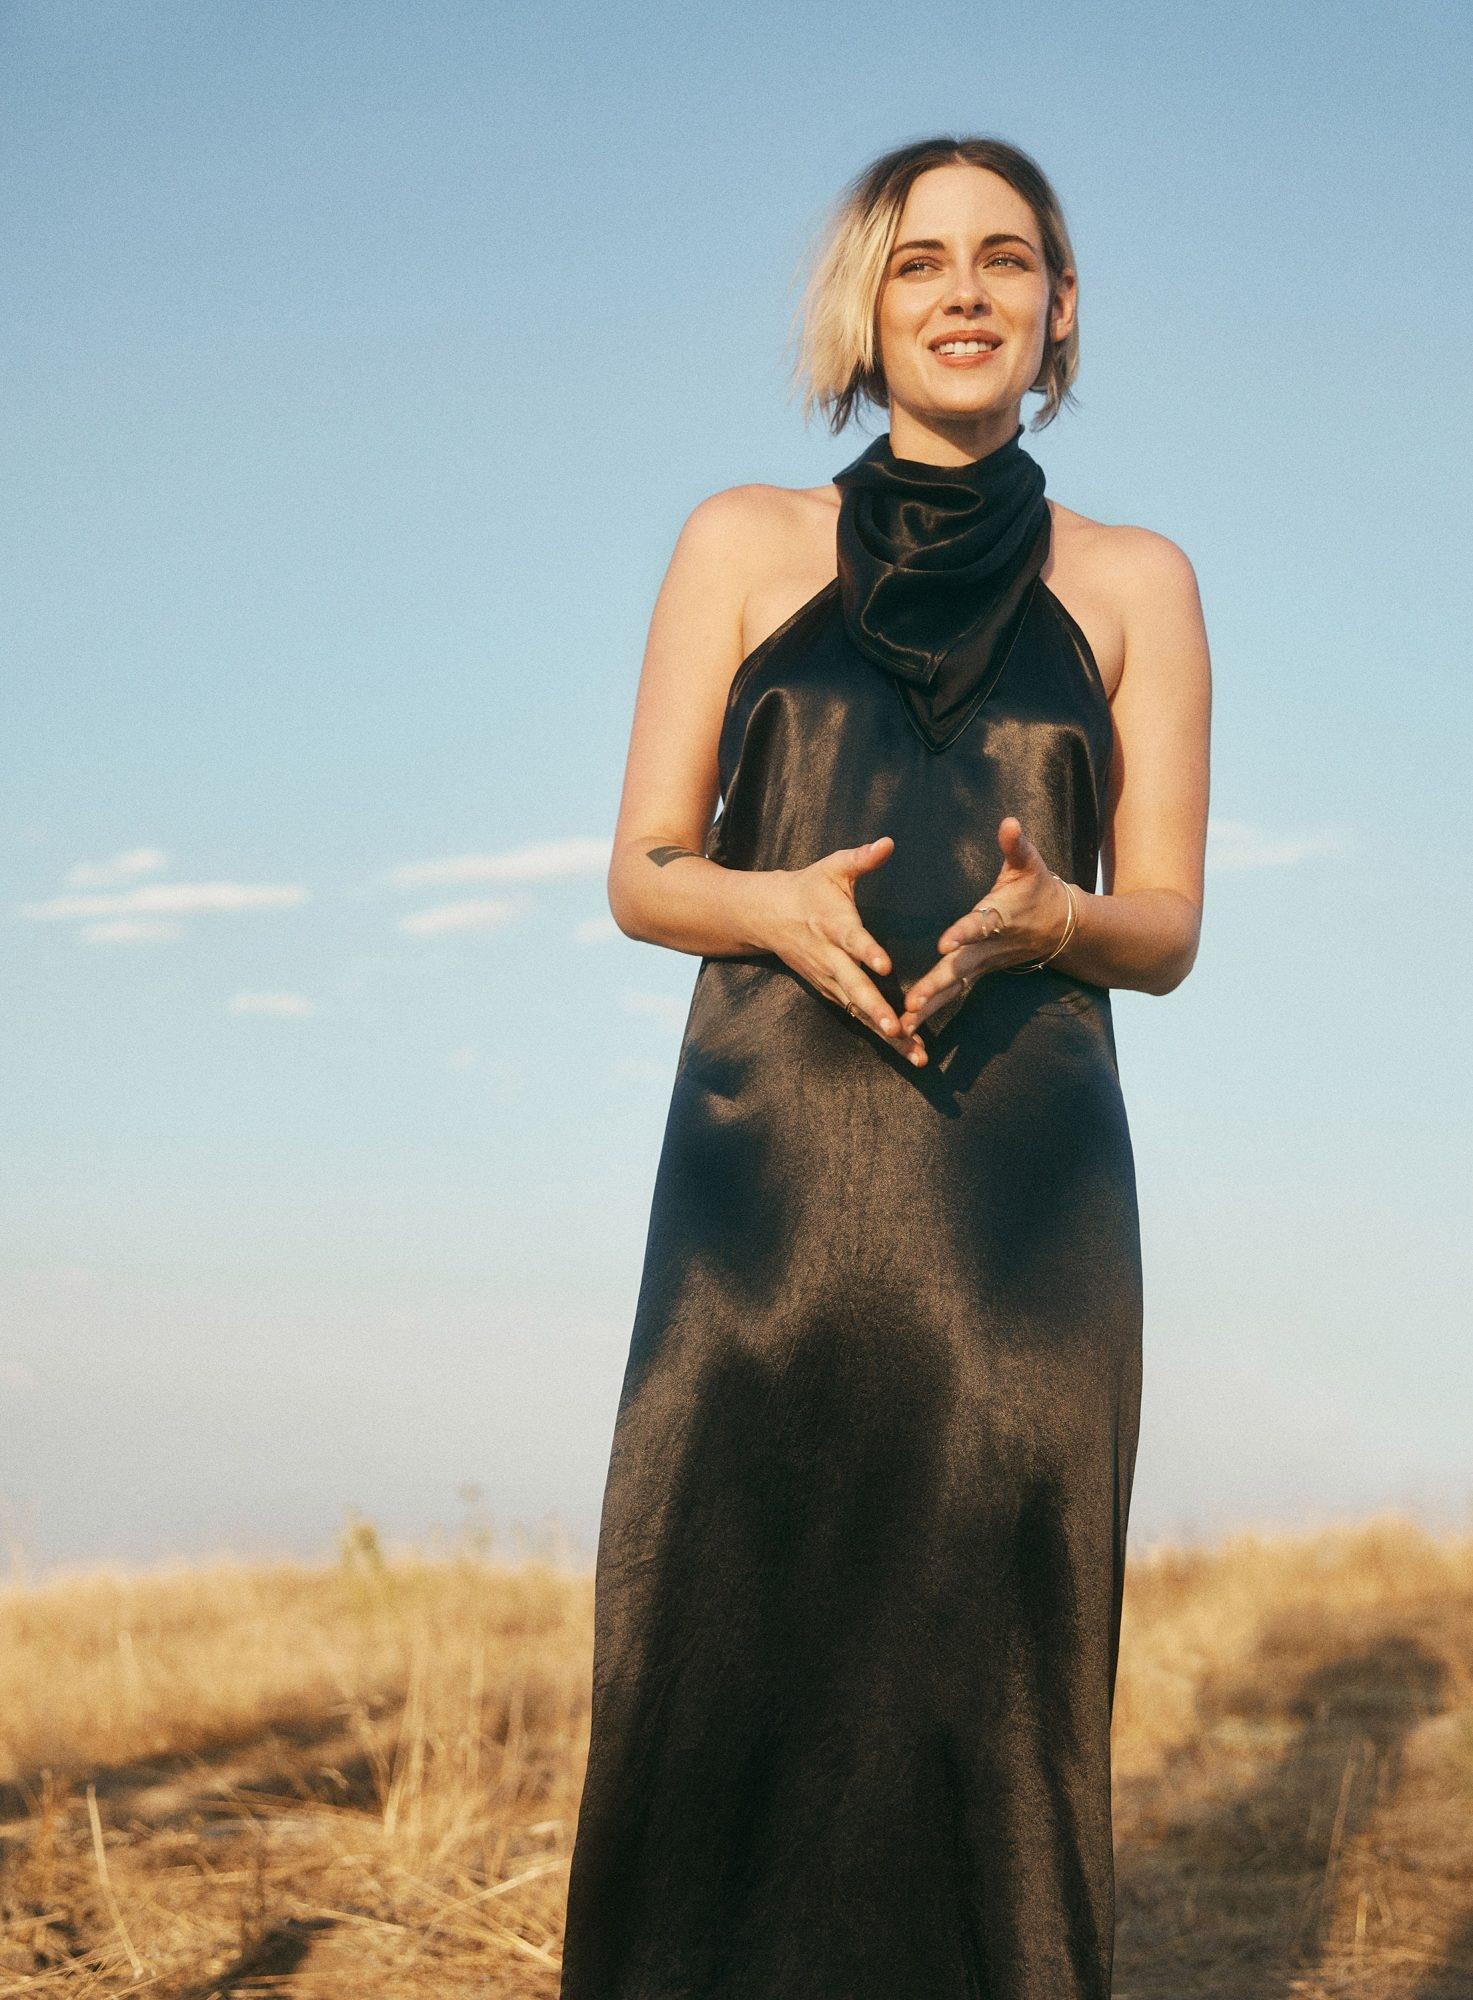 Кристен Стюарт появилась на обложке InStyle и рассказала о проблемах с алкоголем и своей ориентации (ФОТО) - фото №3